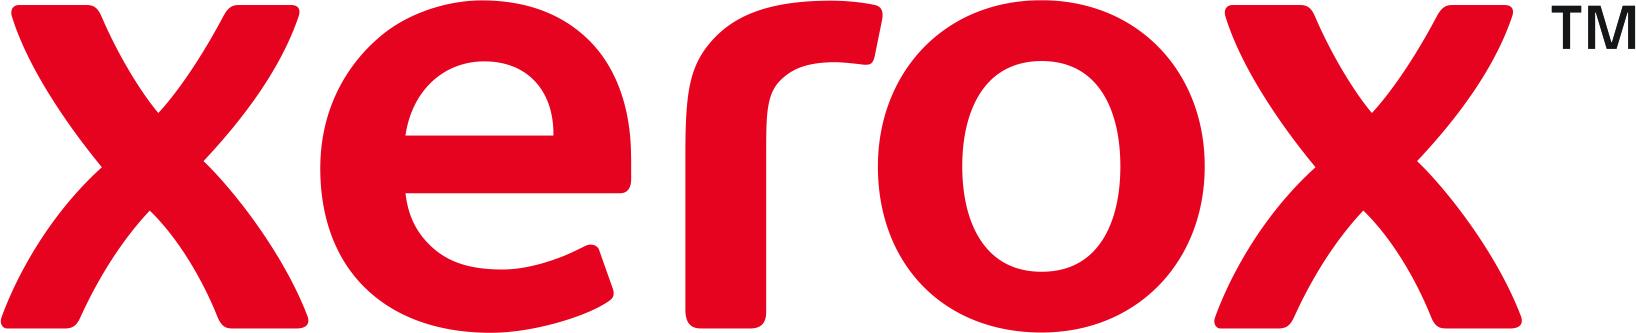 new-xerox-logo.jpg